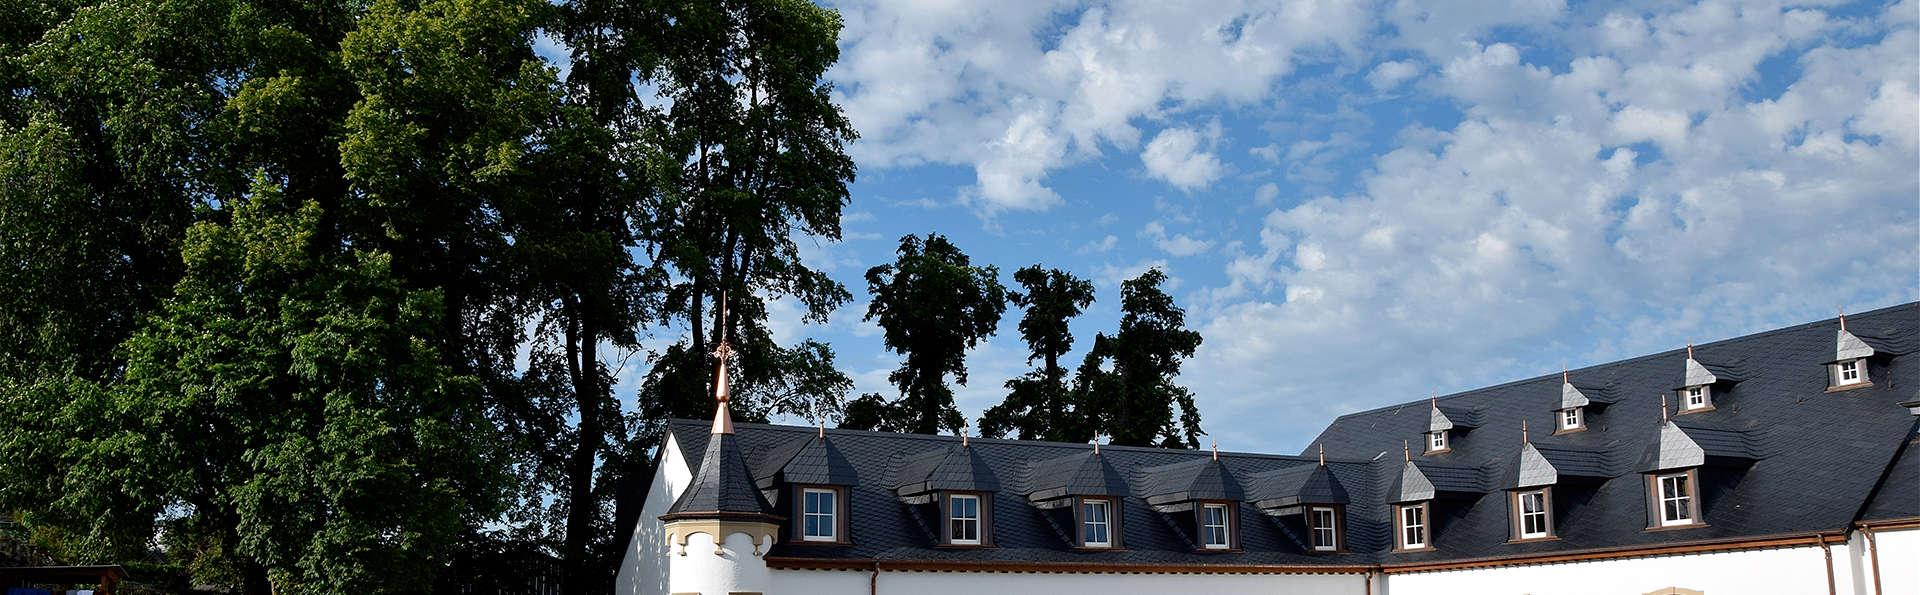 Château d'Urspelt - edit_spa2.jpg